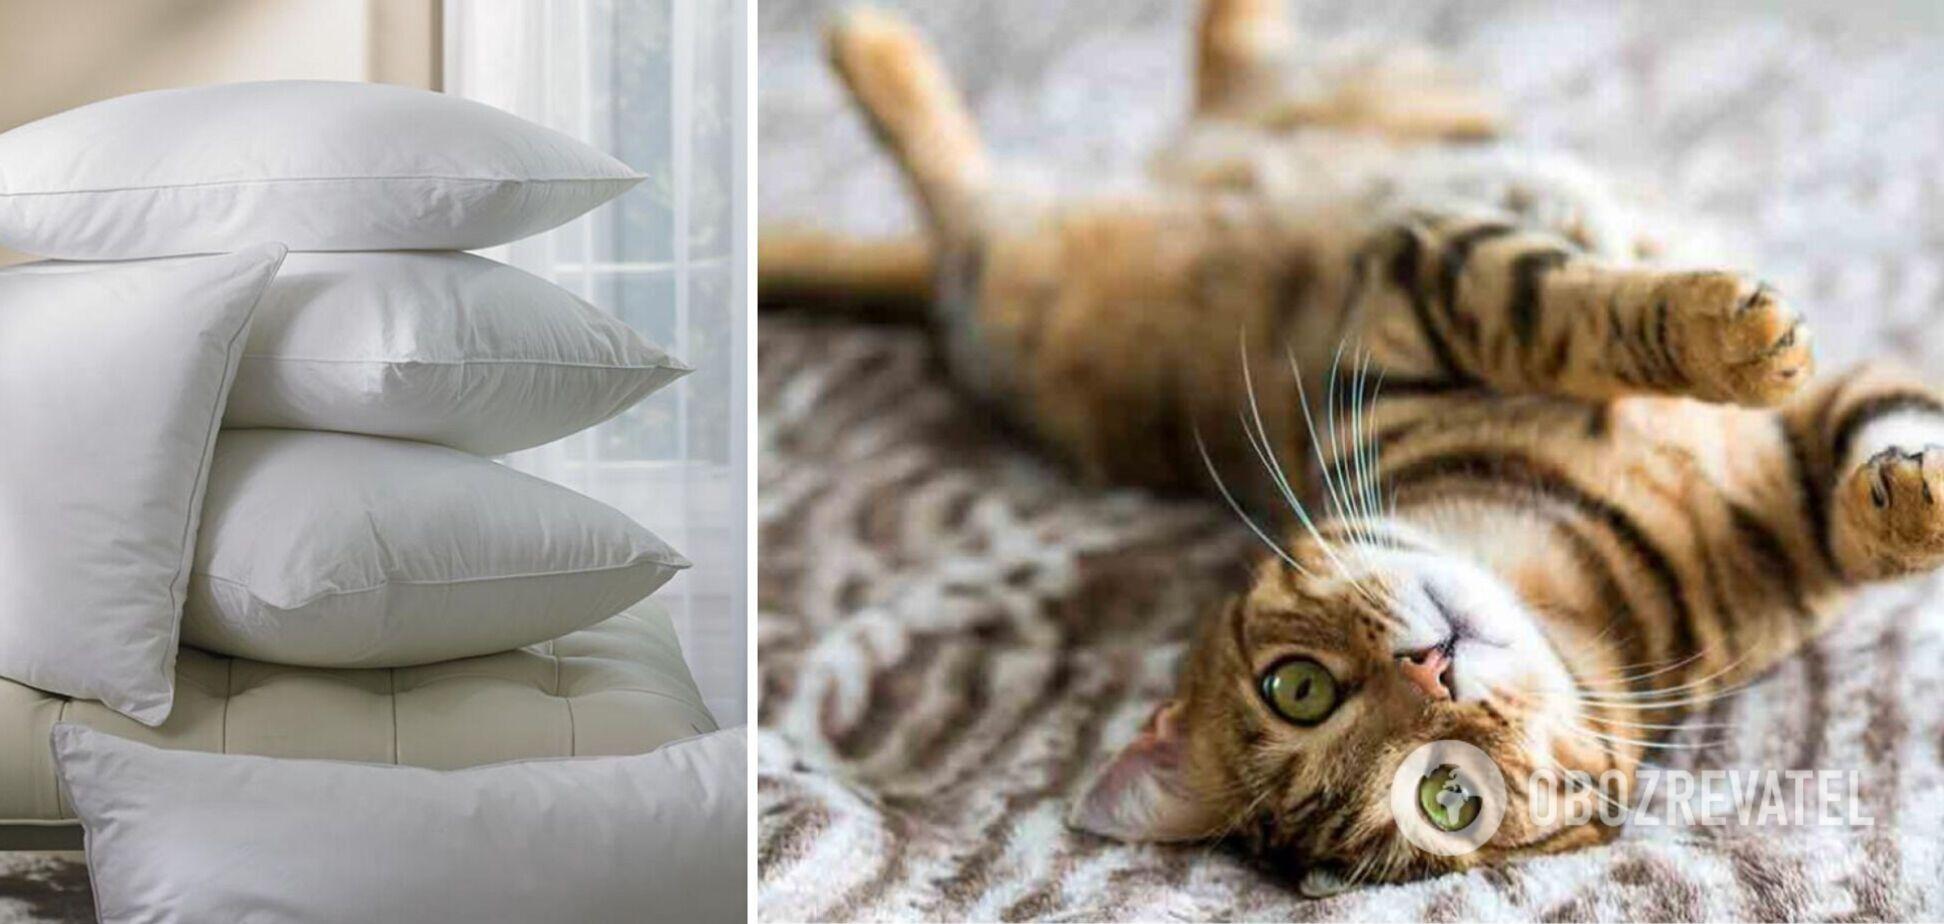 Хозяйка придумала смешной способ, как справиться с навязчивым котом. Видео